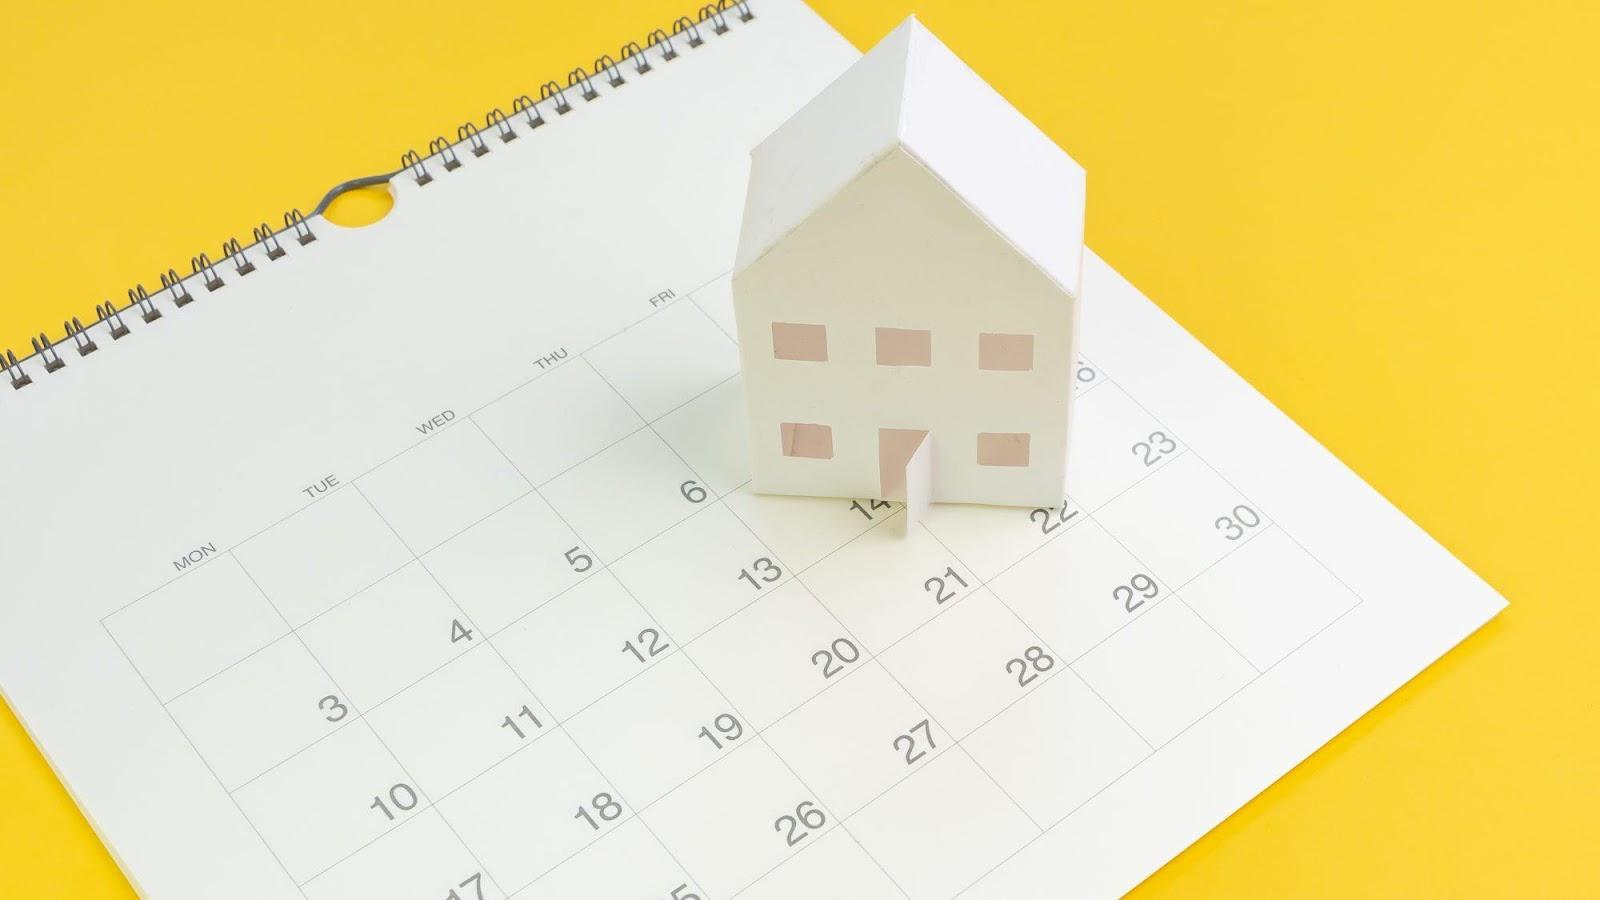 Tùy vào từng thời điểm trong năm mà chi phí xây nhà có thể tăng/ giảm